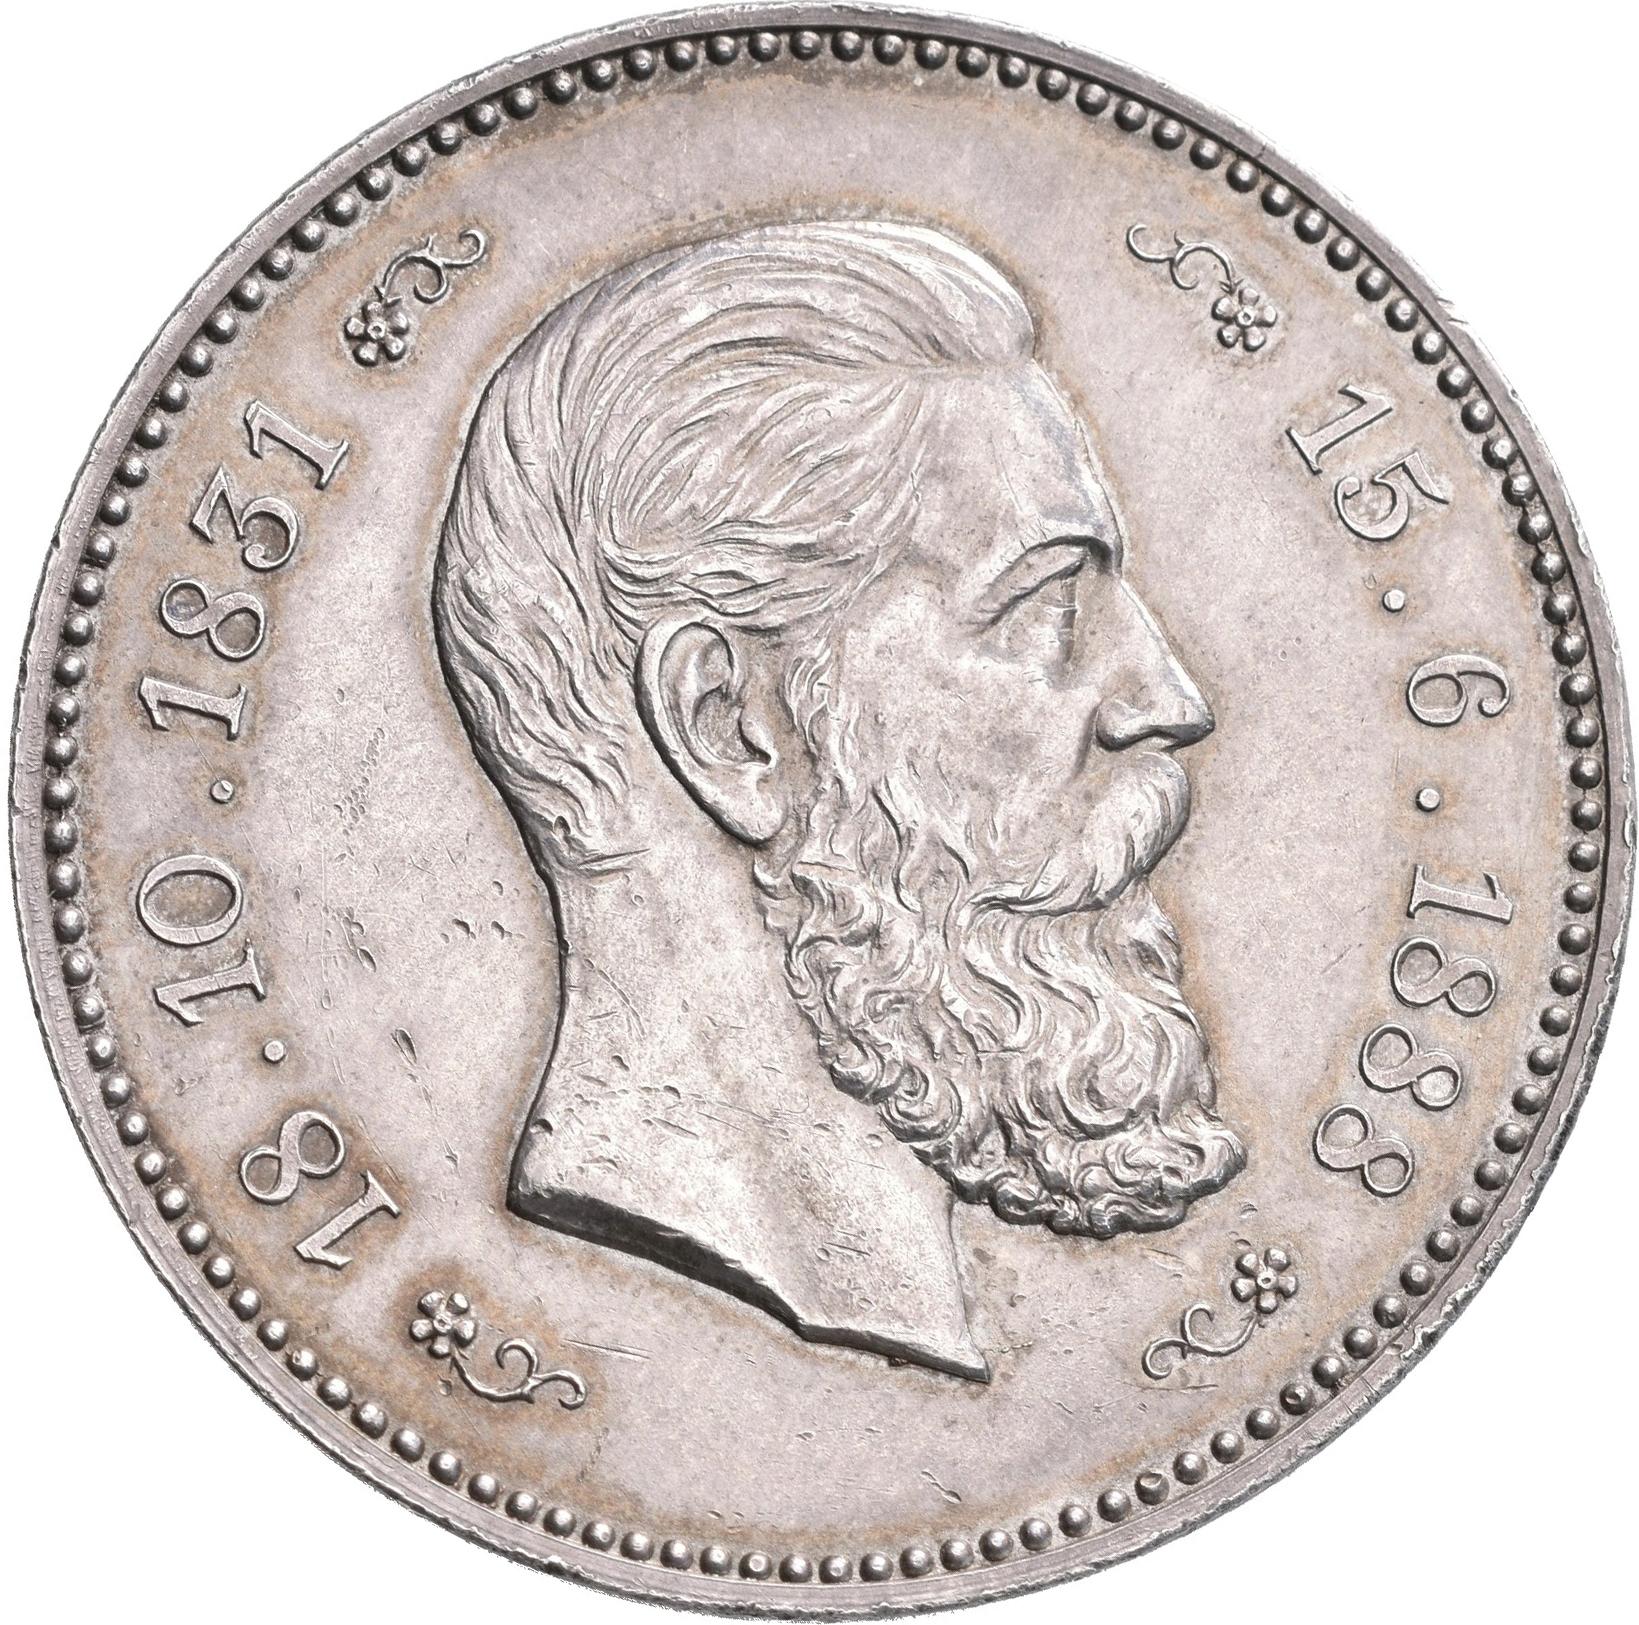 Lot 02399 - Medaillen Deutschland - Geographisch | Münzen  -  Auktionshaus Christoph Gärtner GmbH & Co. KG Sale #48 The Coins & The Picture Post Cards